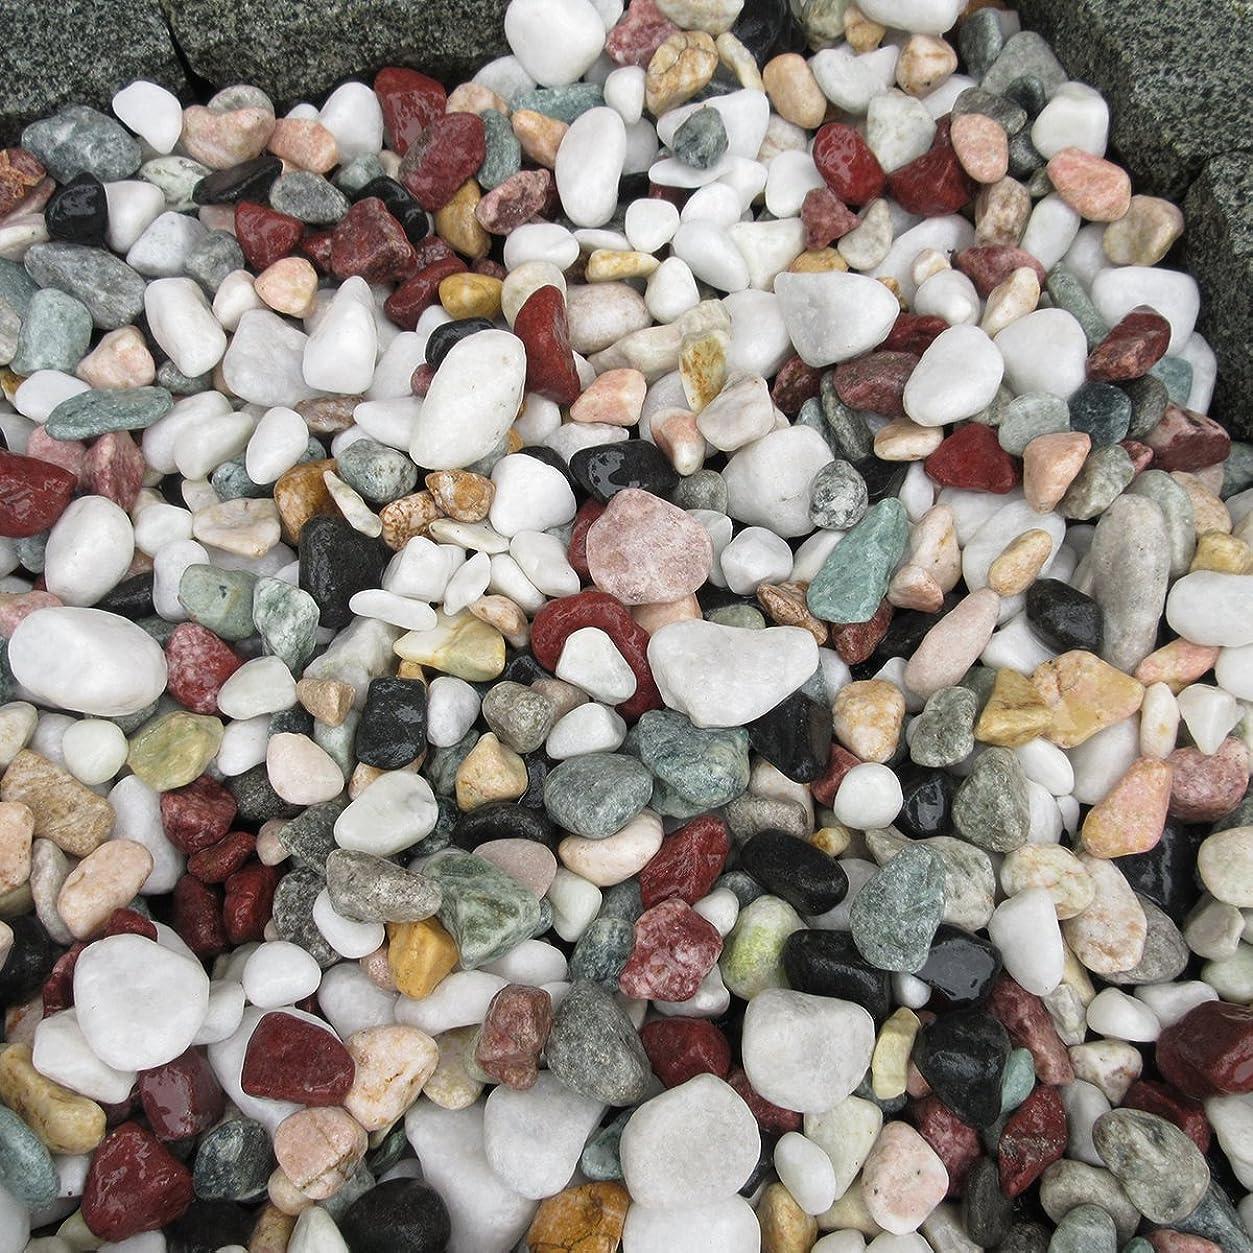 発信ピュー積極的に天然石 玉石砂利 1-2cm 60kg 五色砂利 (ガーデニングに最適 5色砂利)